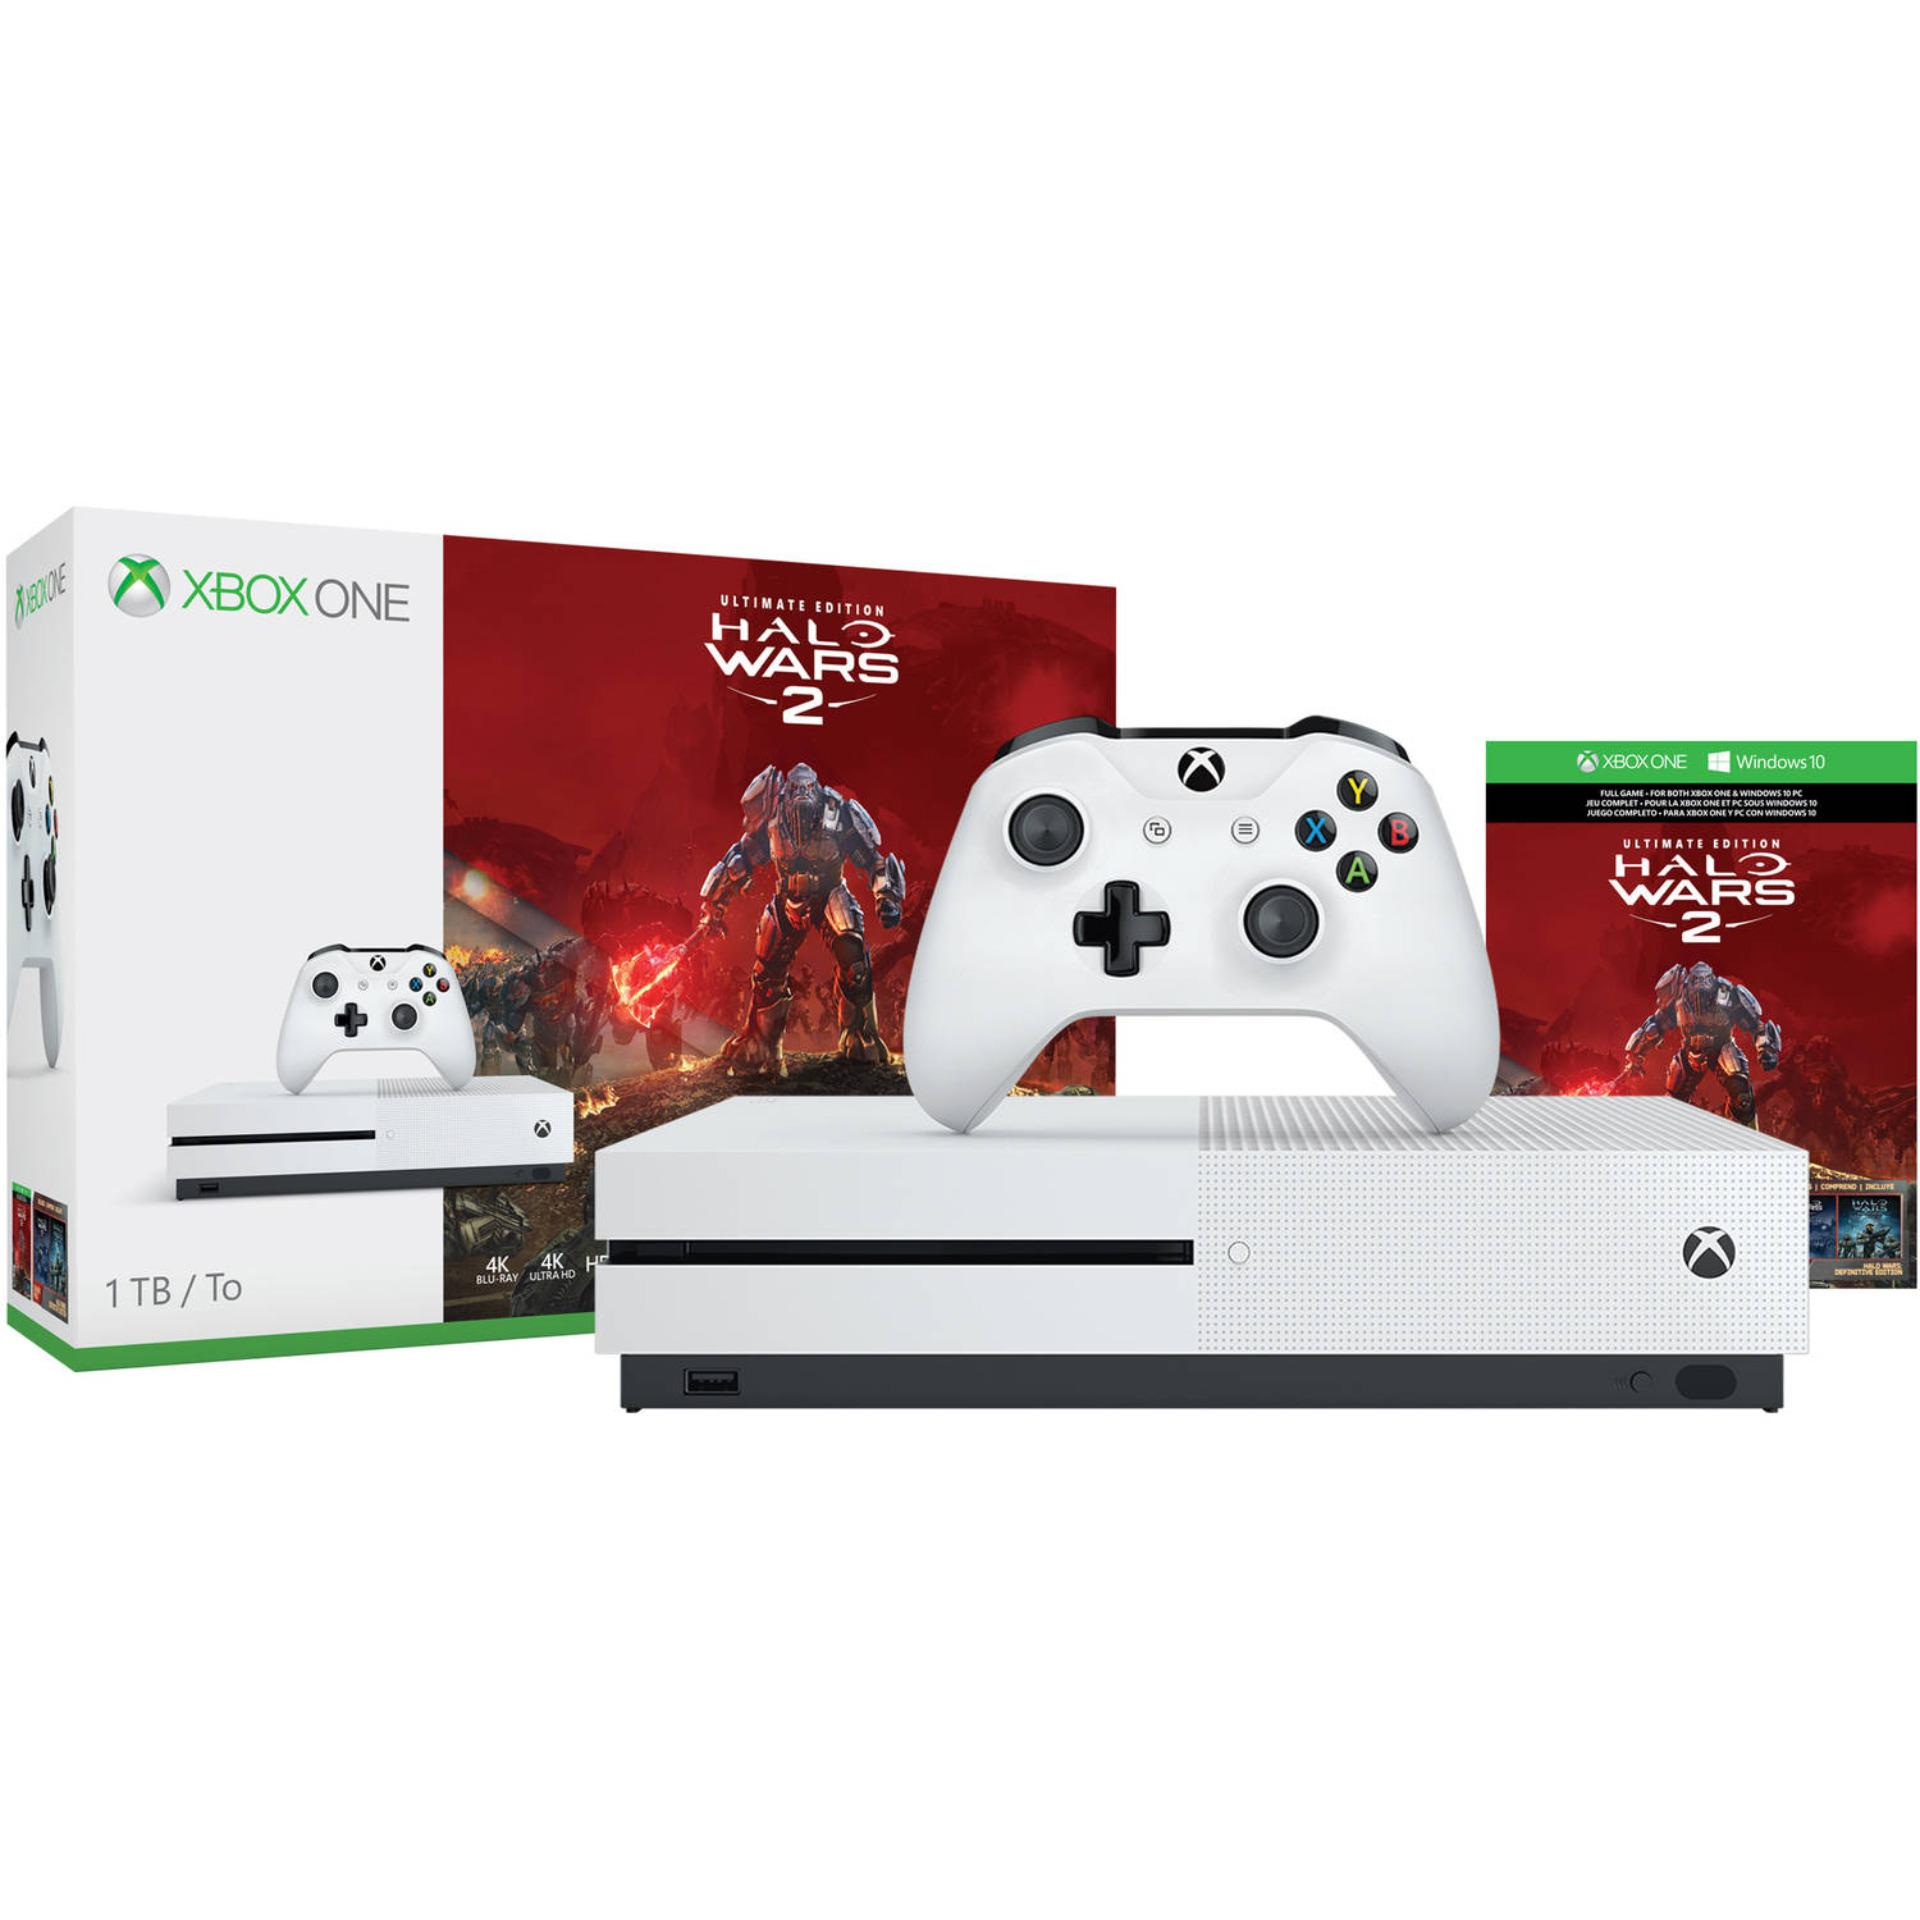 Chỗ nào bán Máy Xbox One S 1TB – Halo Wars 2 Ultimate Edition Bundle (hàng nhập khẩu)